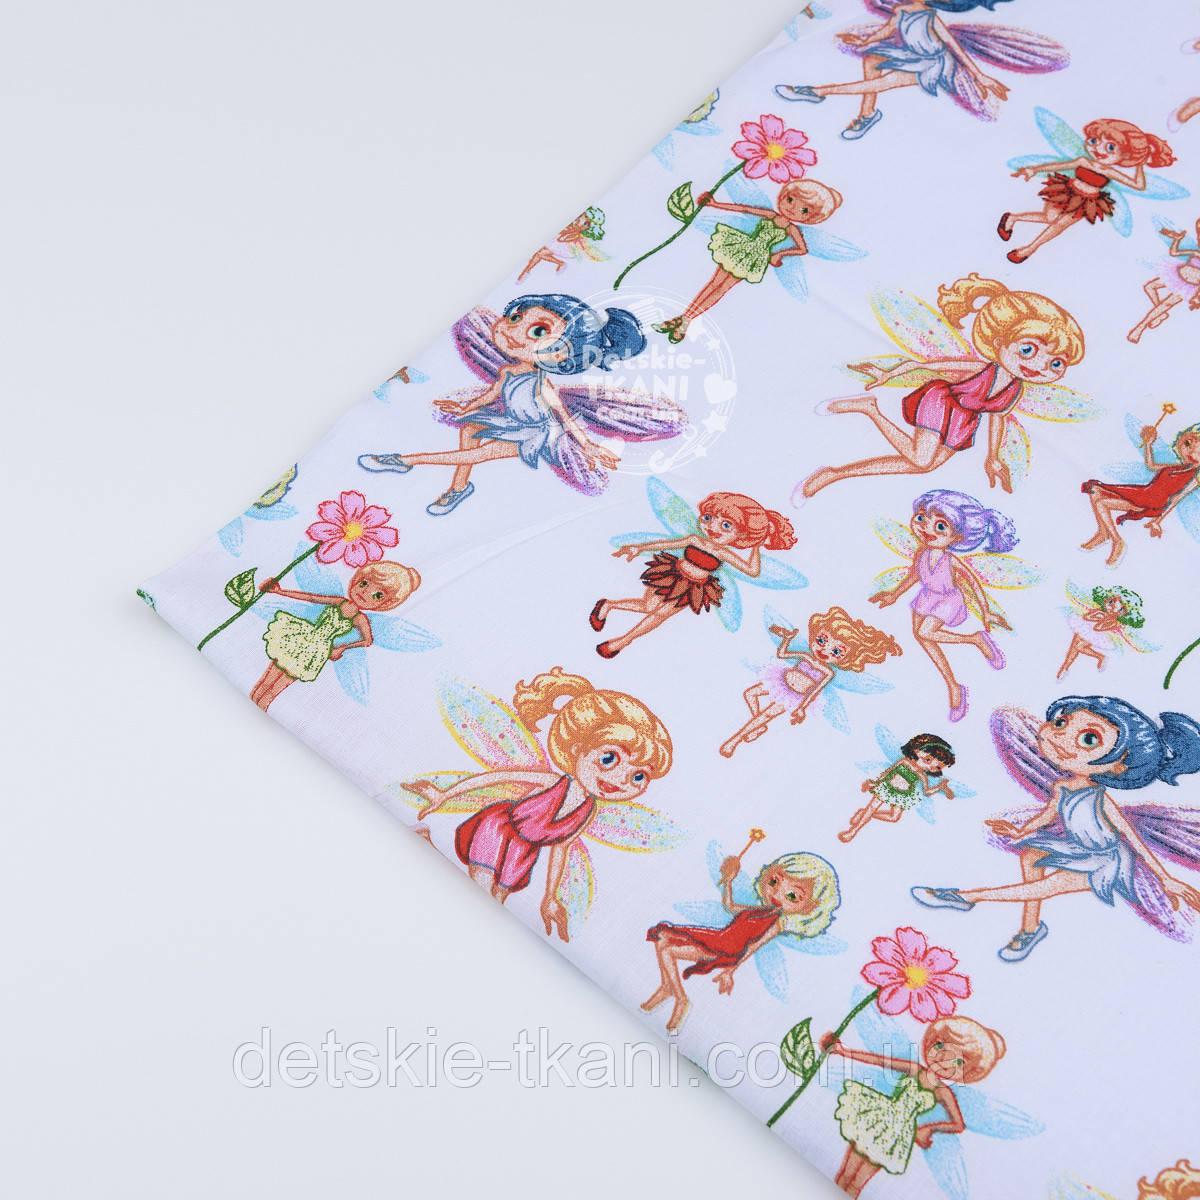 """Отрез ткани """"Цветочные феи"""" на белом фоне,  №1244а размер 62*160"""